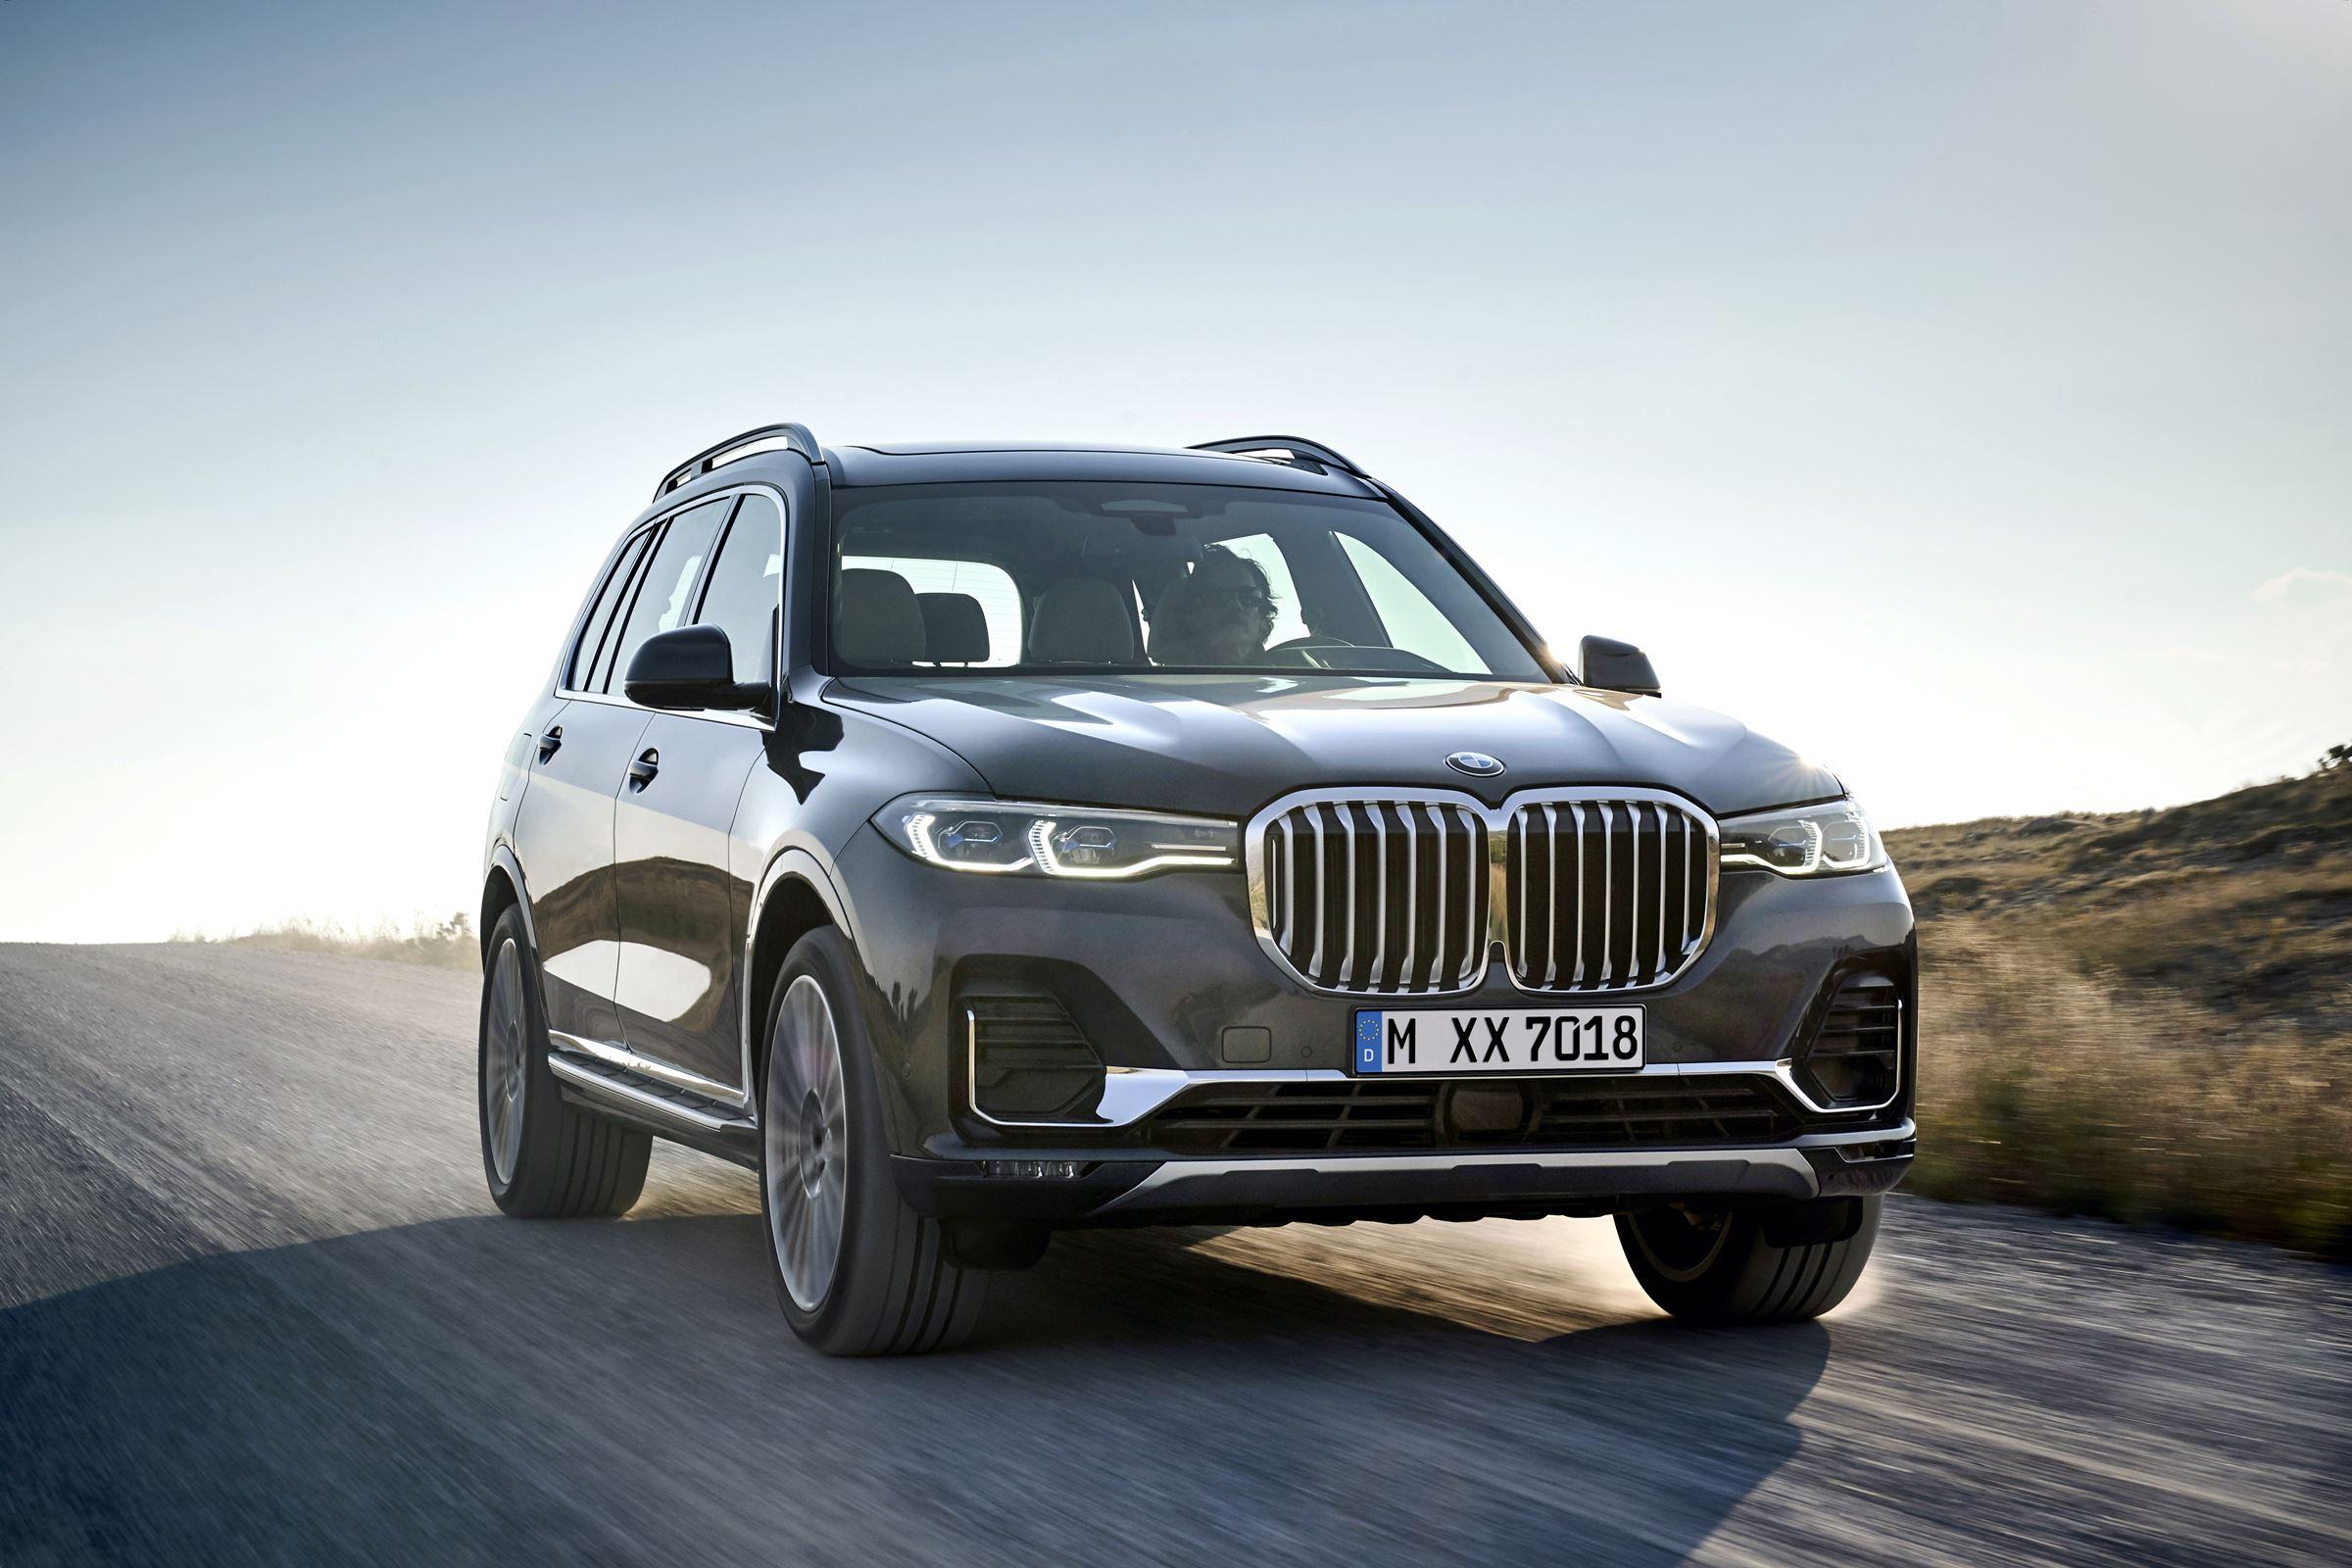 BMW X7 2019 bmw x7 ceny polska